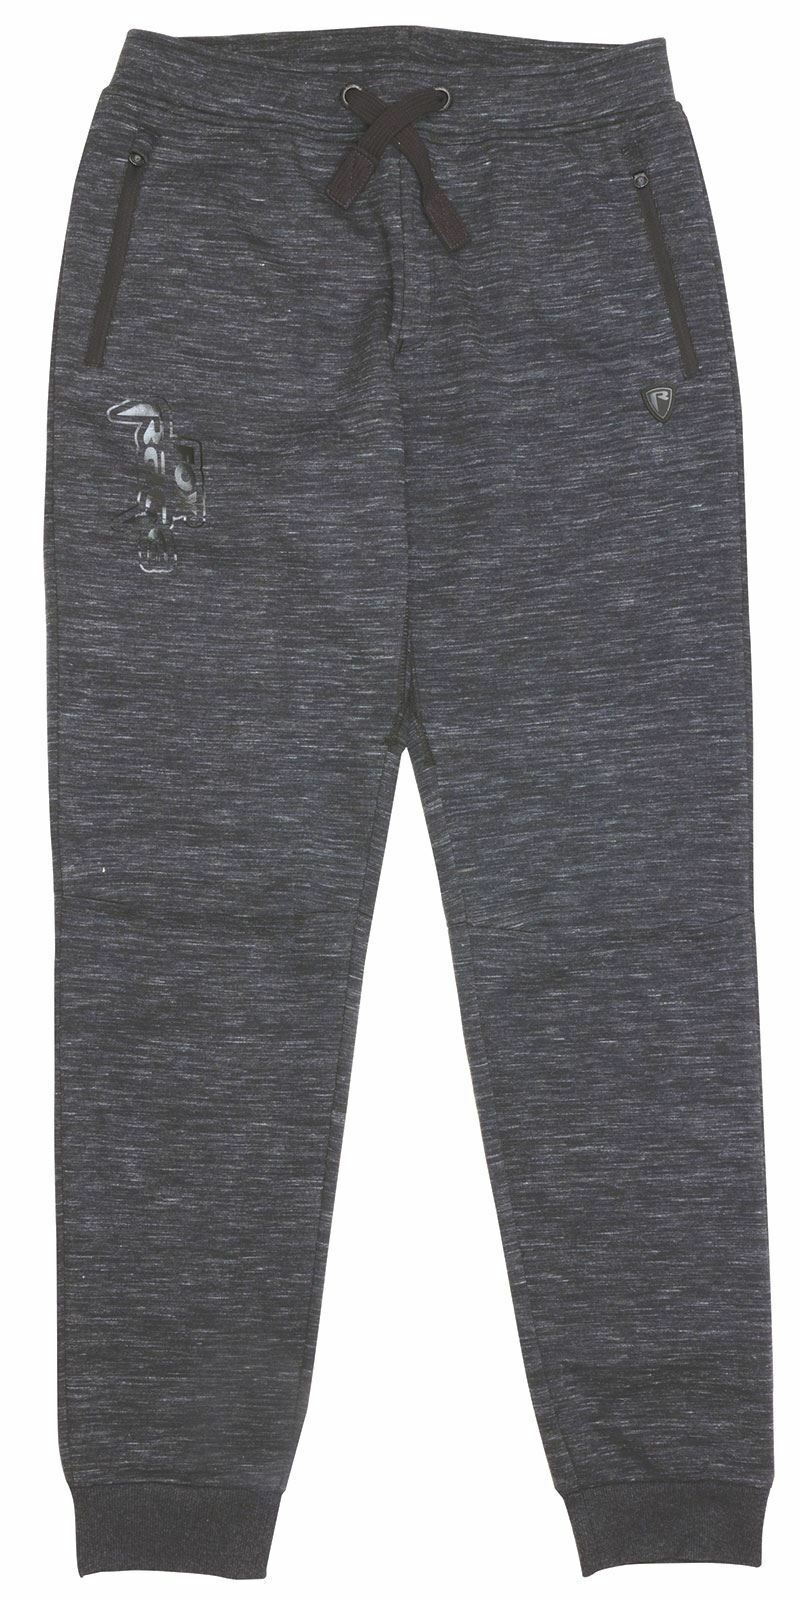 FOX Rage Fleck pantaloni sportivi